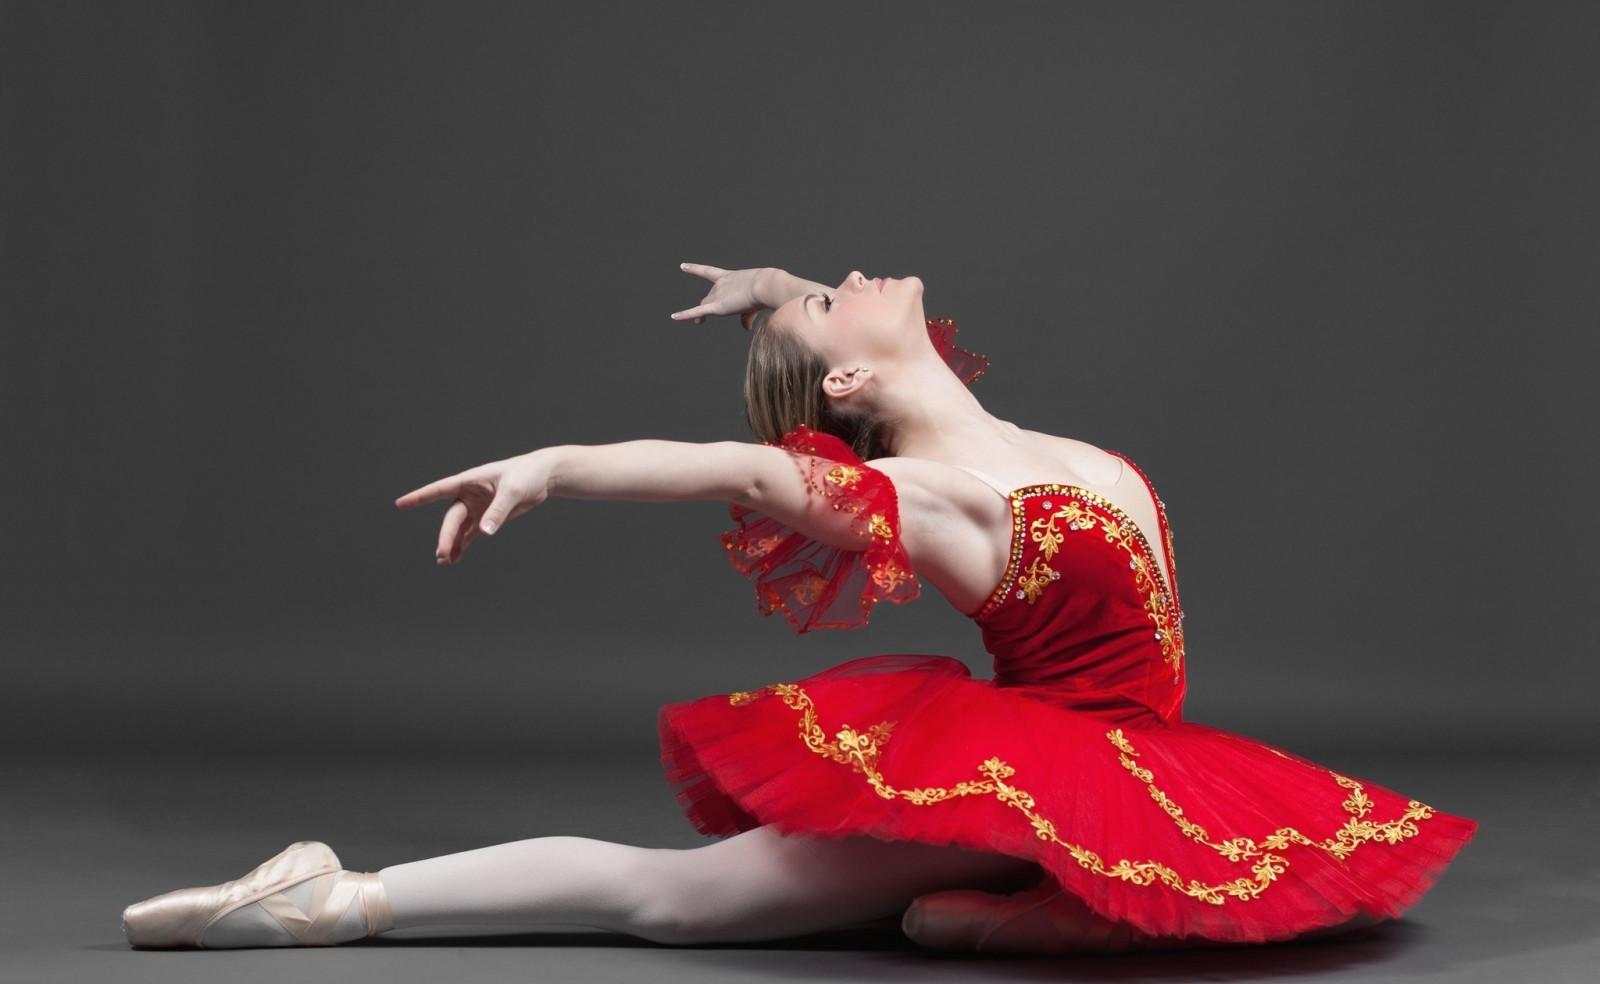 Картинка с балериной, надписью обиделся